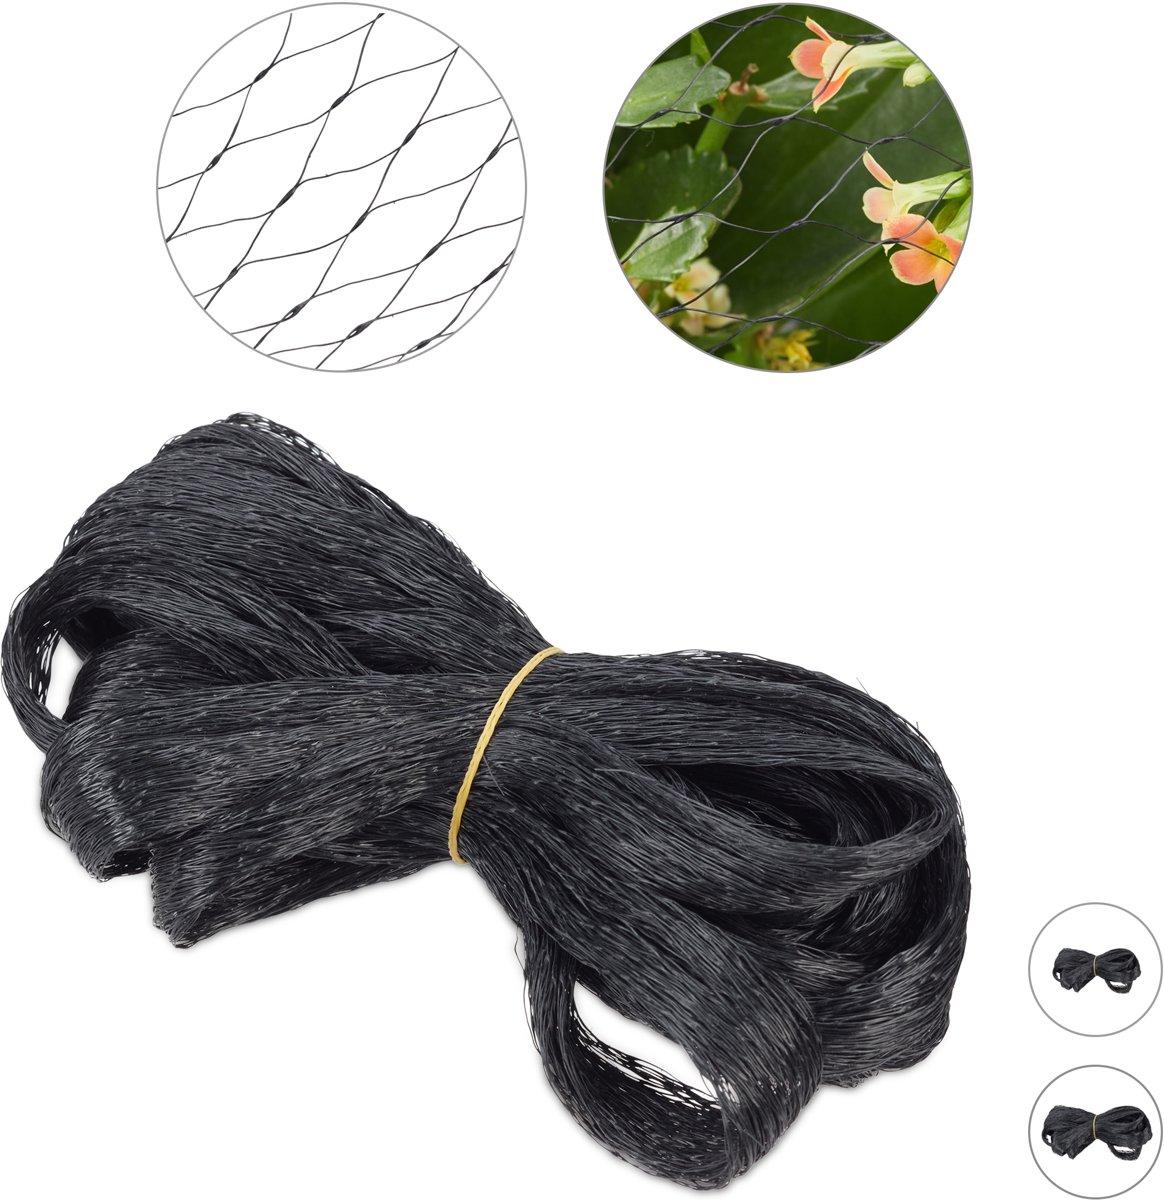 relaxdays vogelnet - vijvernet - kleine maaswijdte - fruitnet - anti-vogelnet - zwart 10 x 4 m kopen